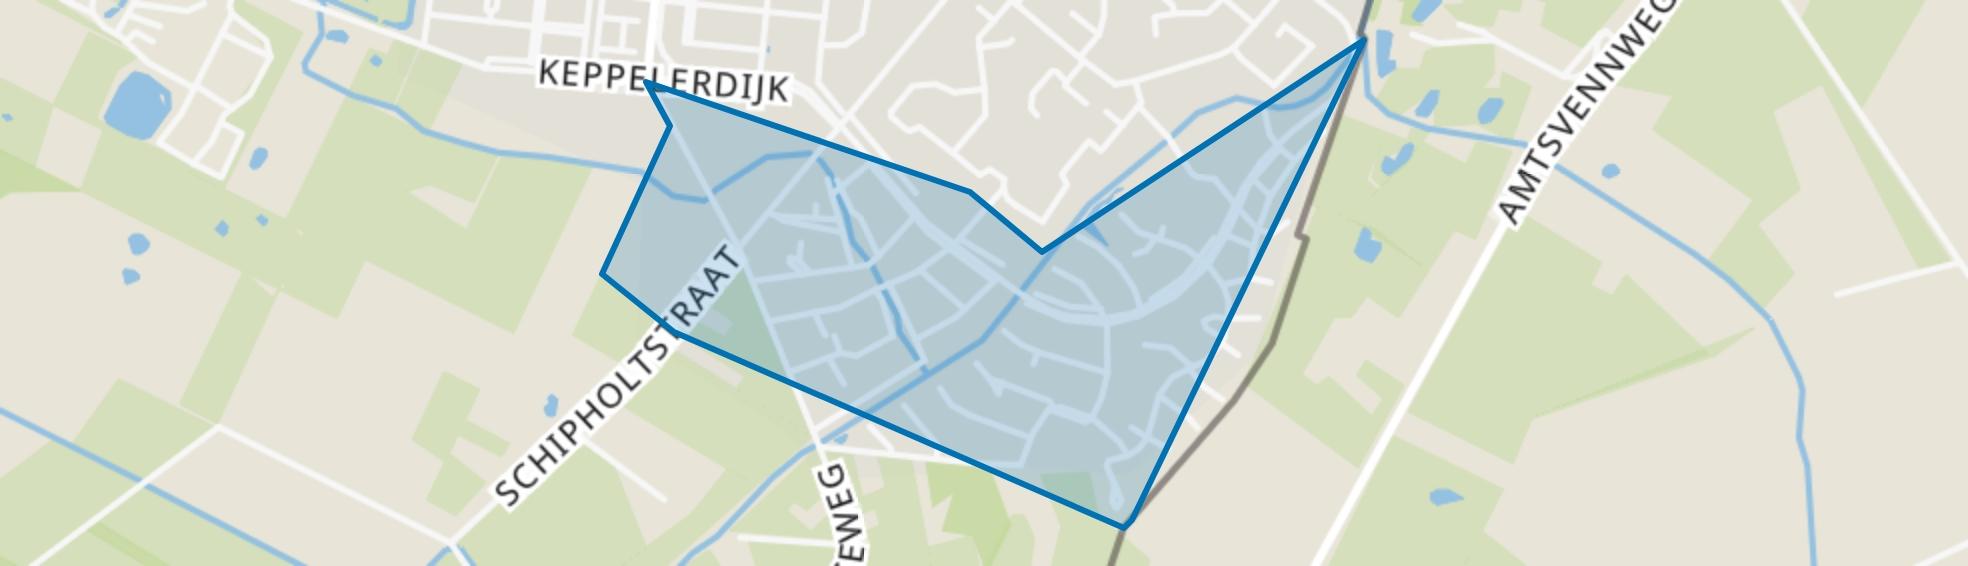 Oikos, Enschede map